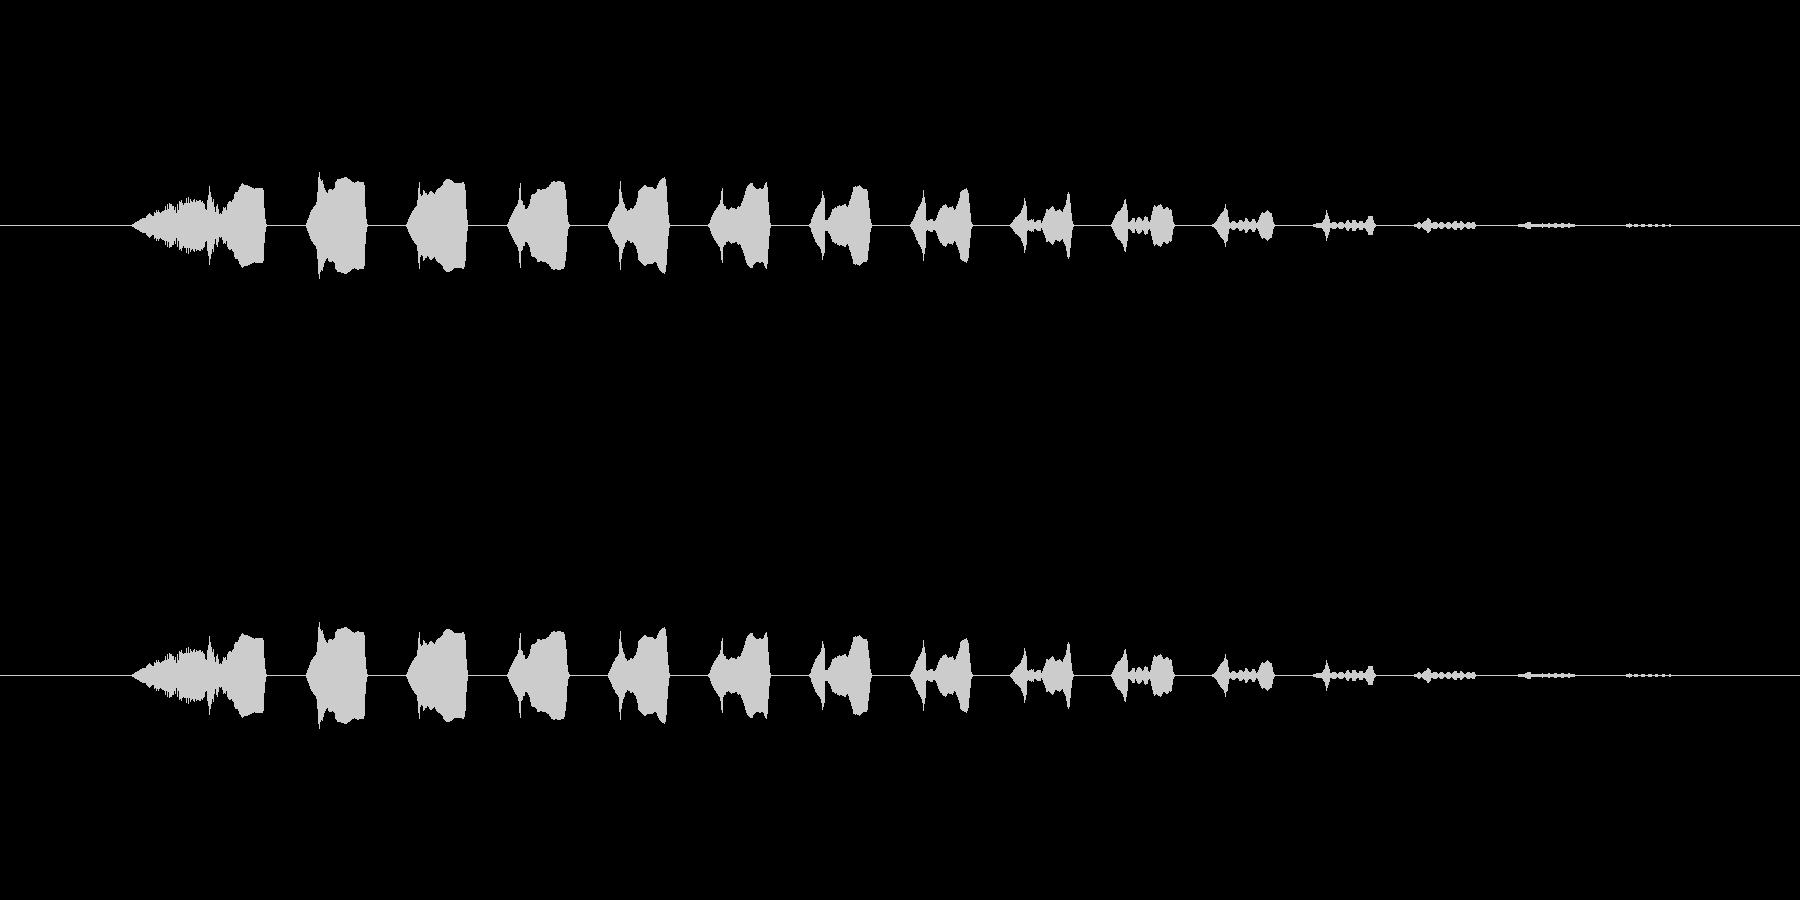 【ポップモーション37-3】の未再生の波形